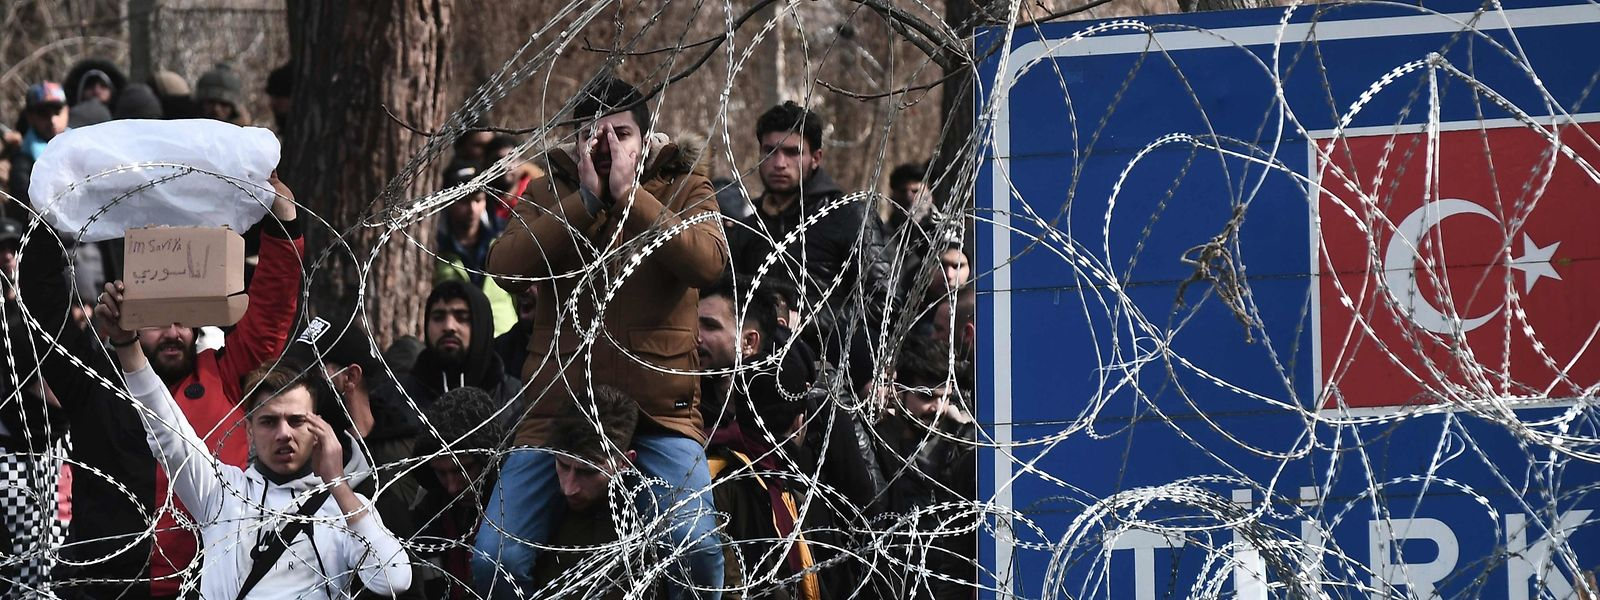 Des migrants attendent à la frontière gréco-turque près de Kastanies, à l'extrémité nord-est de la Grèce.